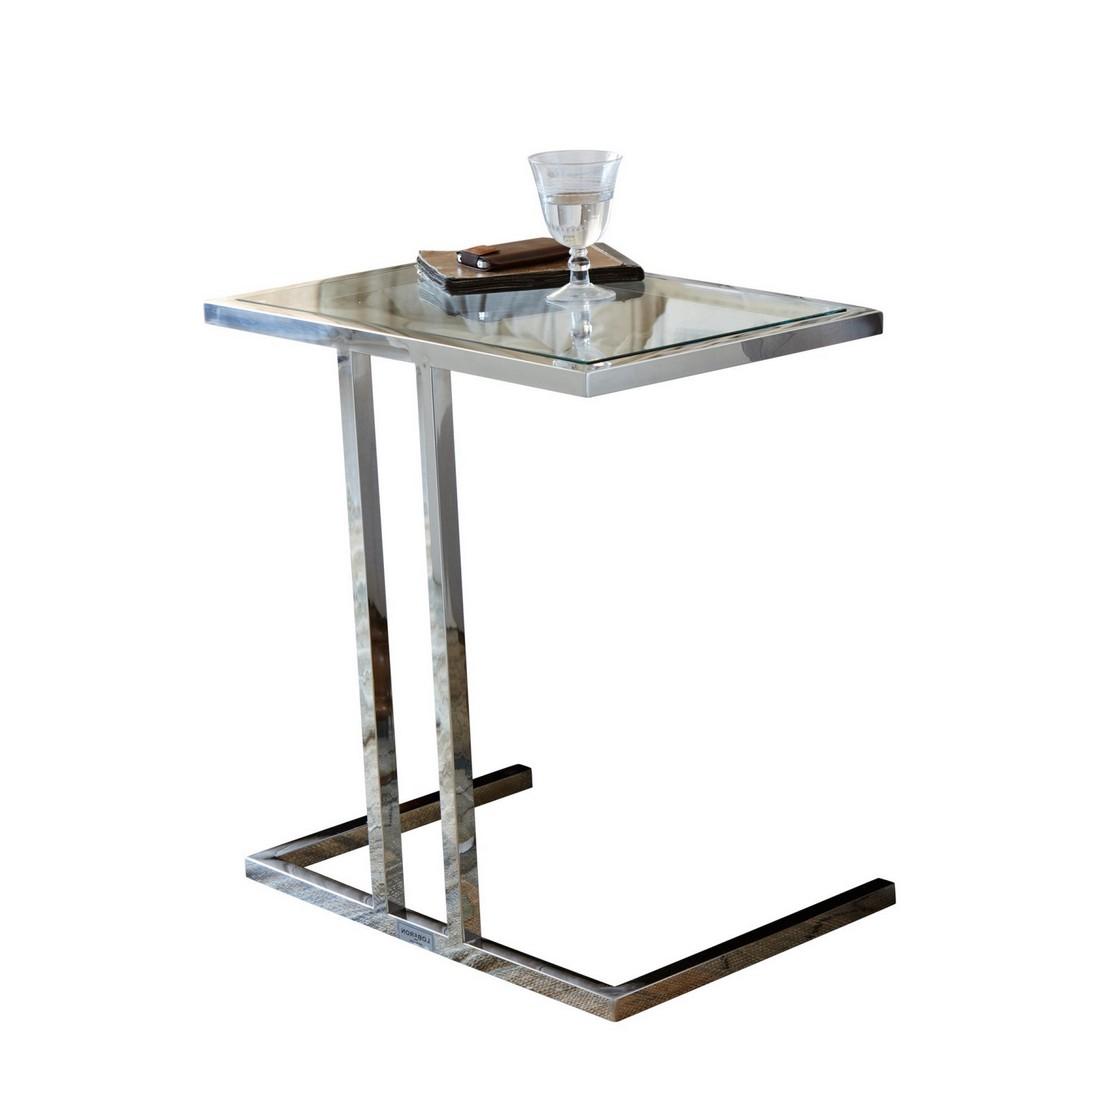 Beistelltisch vito edelstahl glas silber klar loberon online kaufen for Beistelltisch glas edelstahl